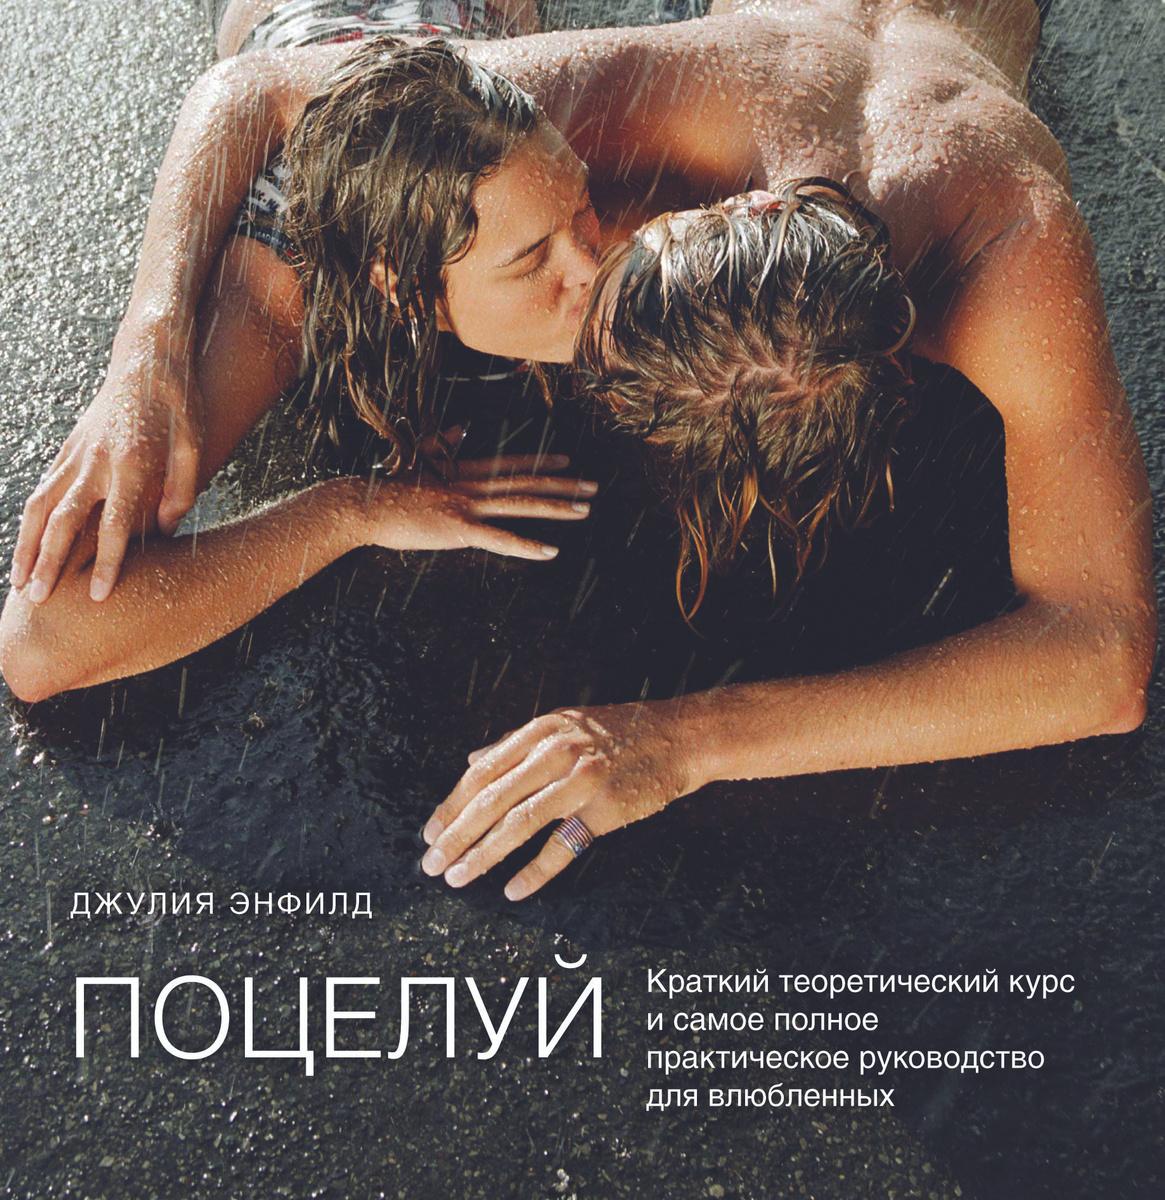 Поцелуй. Краткий теоретический курс и самое полное практическое руководство для влюбленных | Энфилд Джулия #1